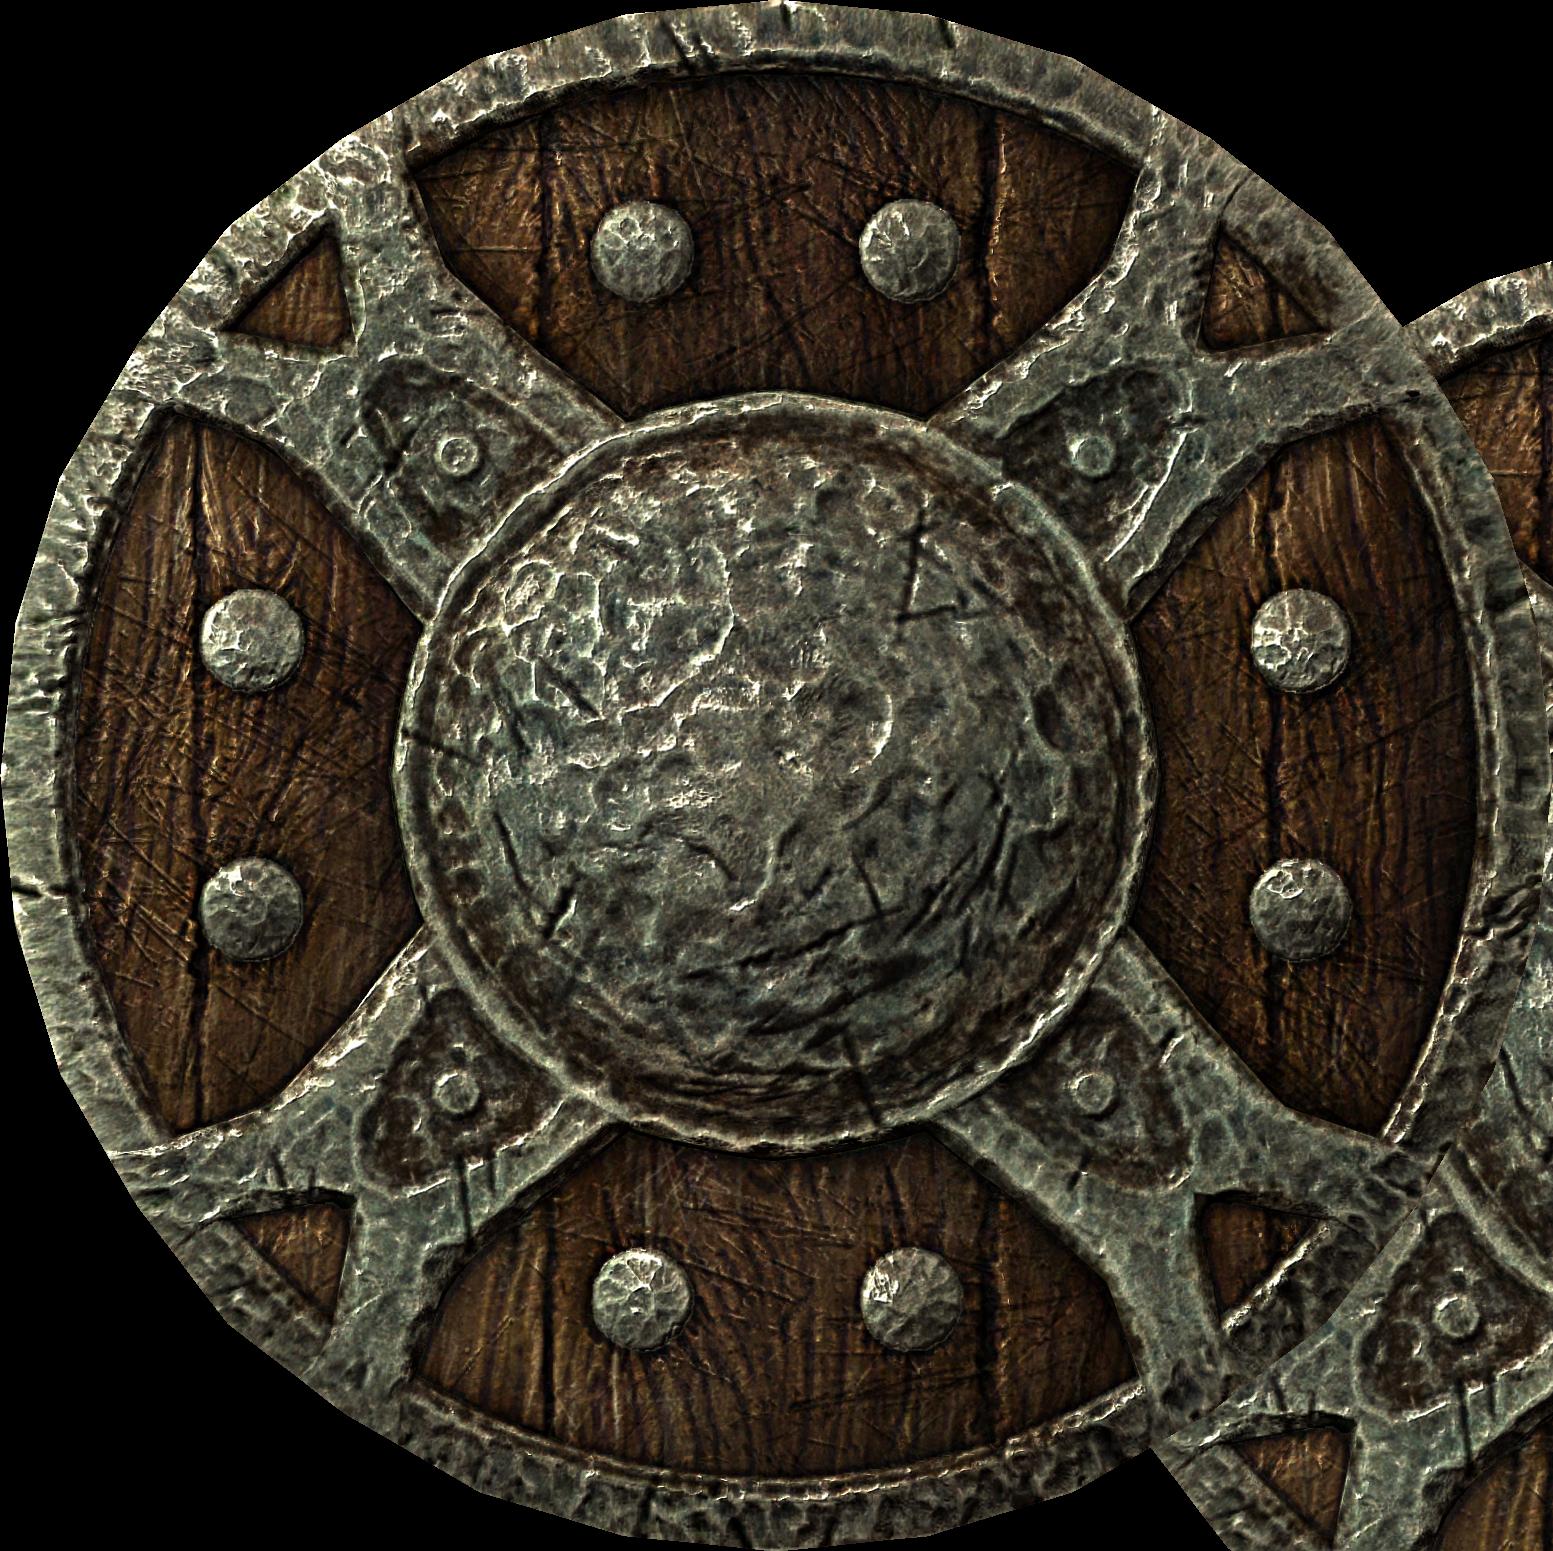 Clipart shield spartan shield. Iron skyrim pinterest rpg